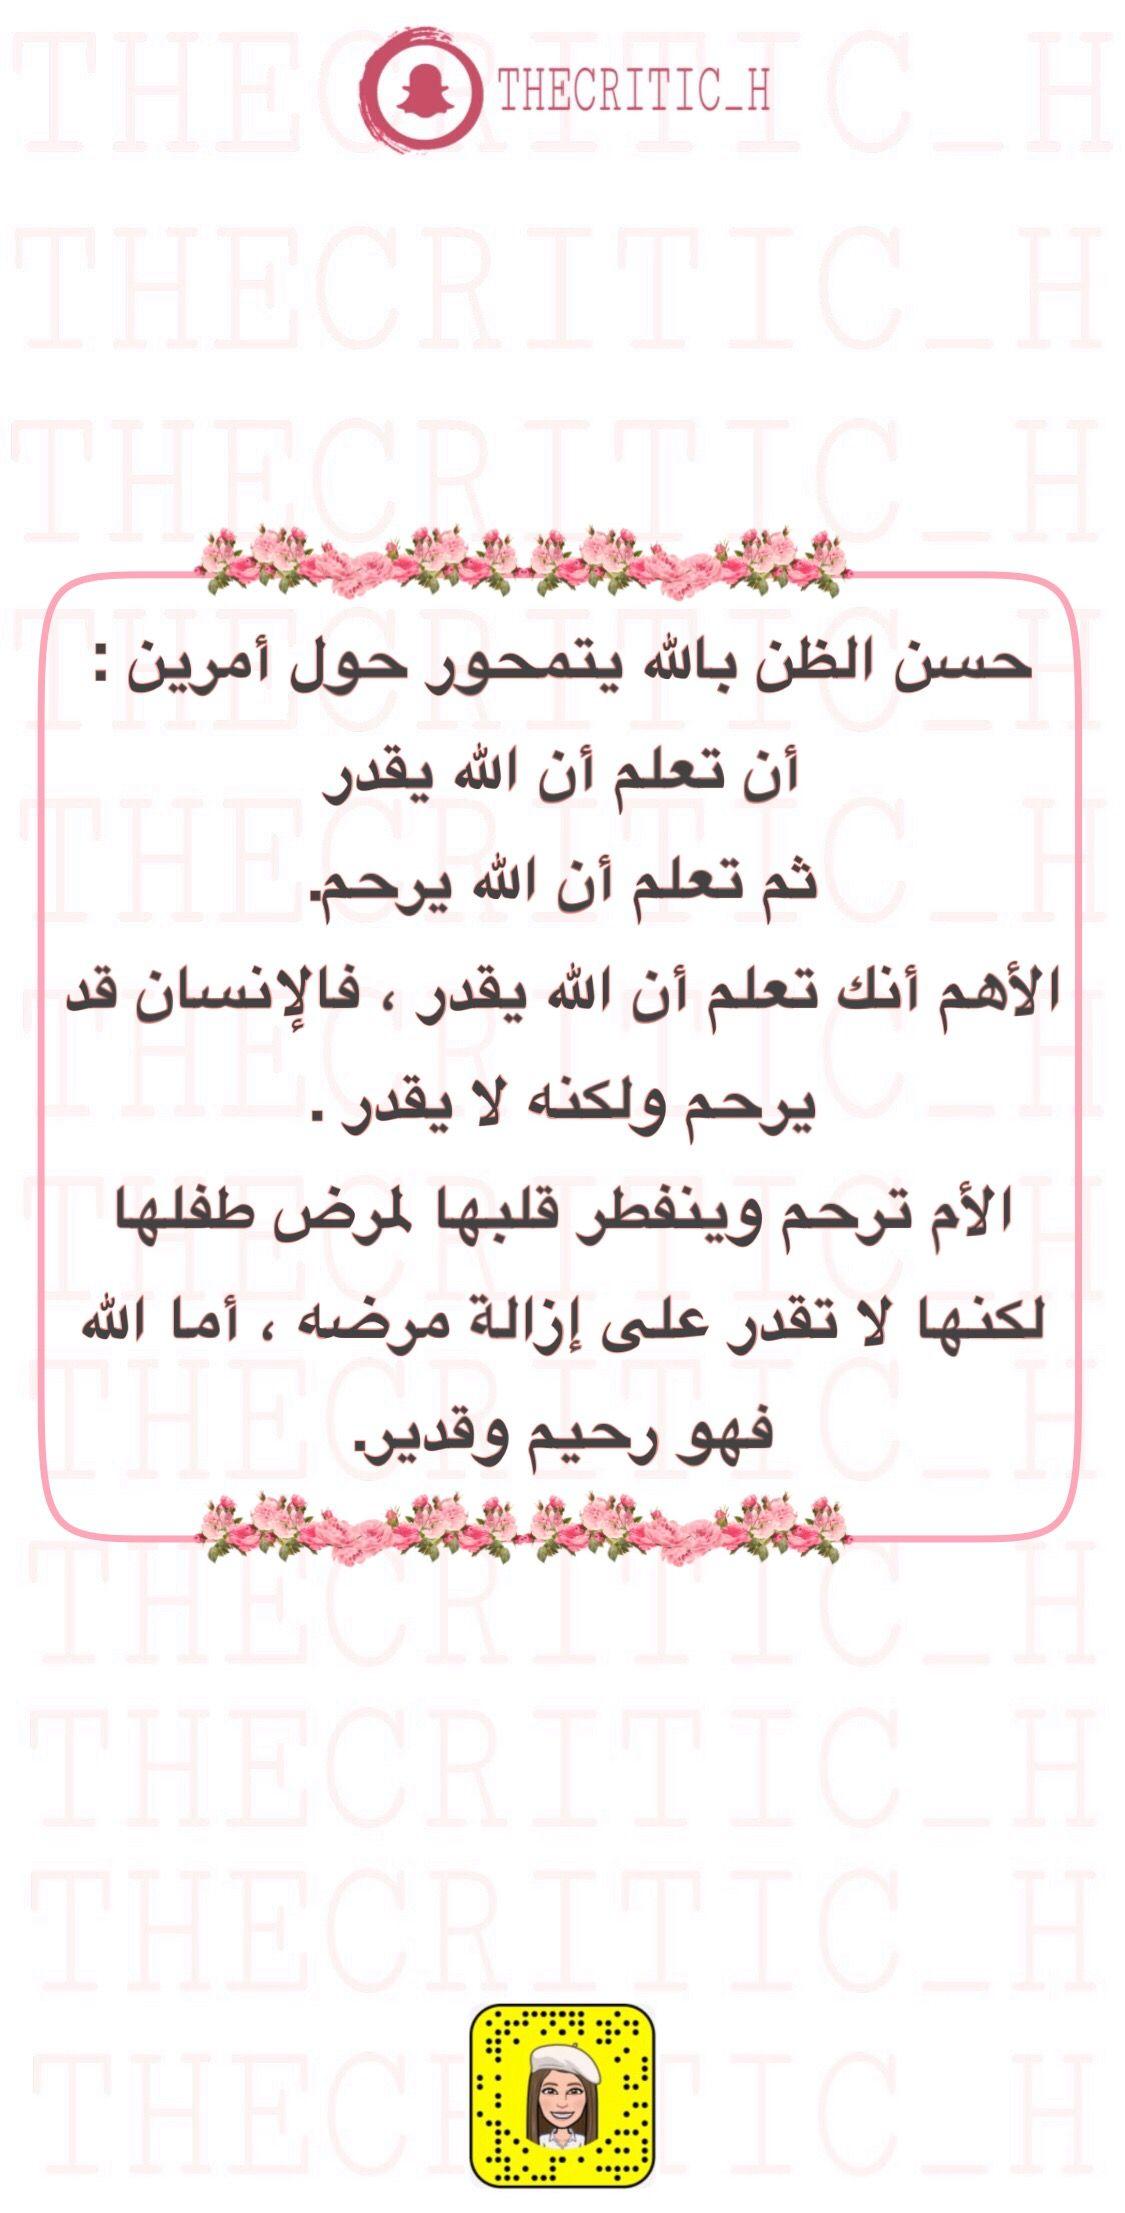 حسن الظن بالله Quotes Messages Arabic Quotes